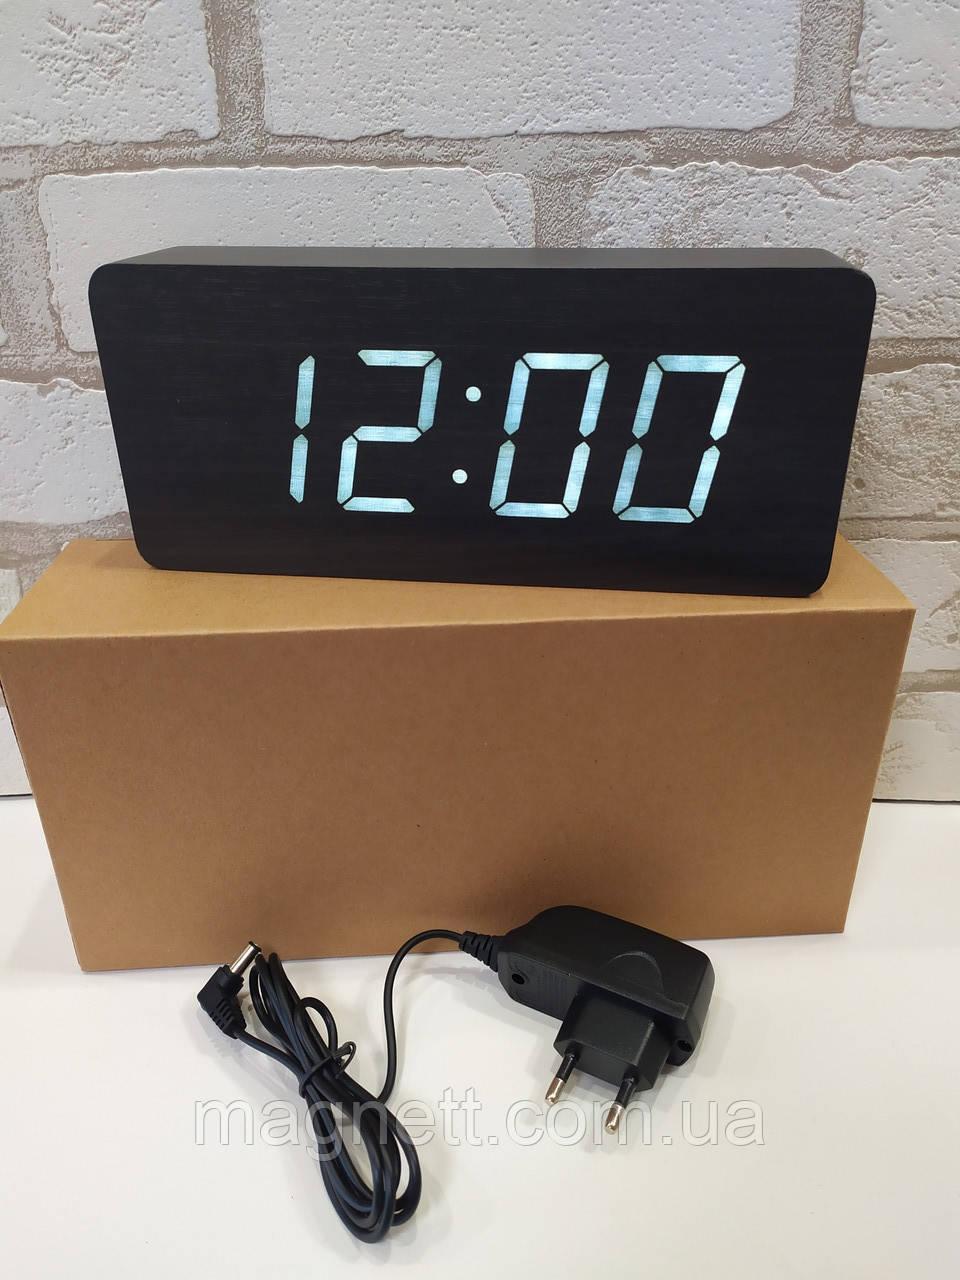 Часы настольные дерево VST-865 (черный)